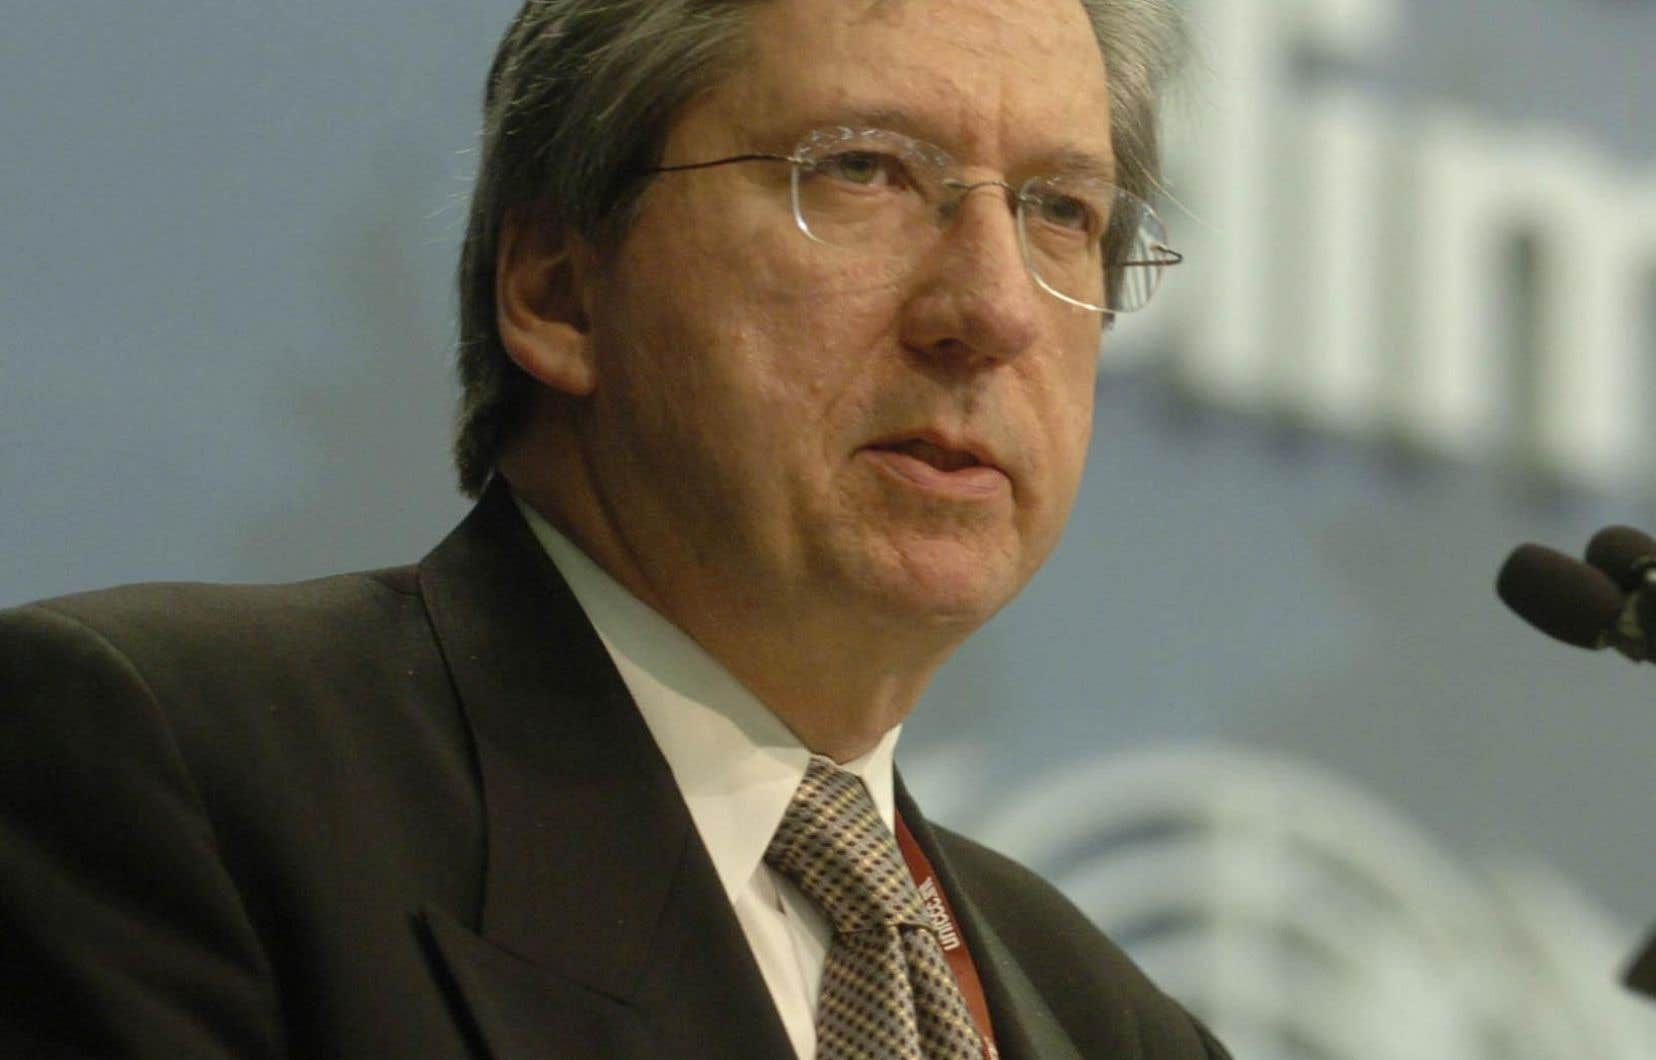 Daniel Gagnier a été chef de cabinet du premier ministre libéral Jean Charest de 2007 à 2009.